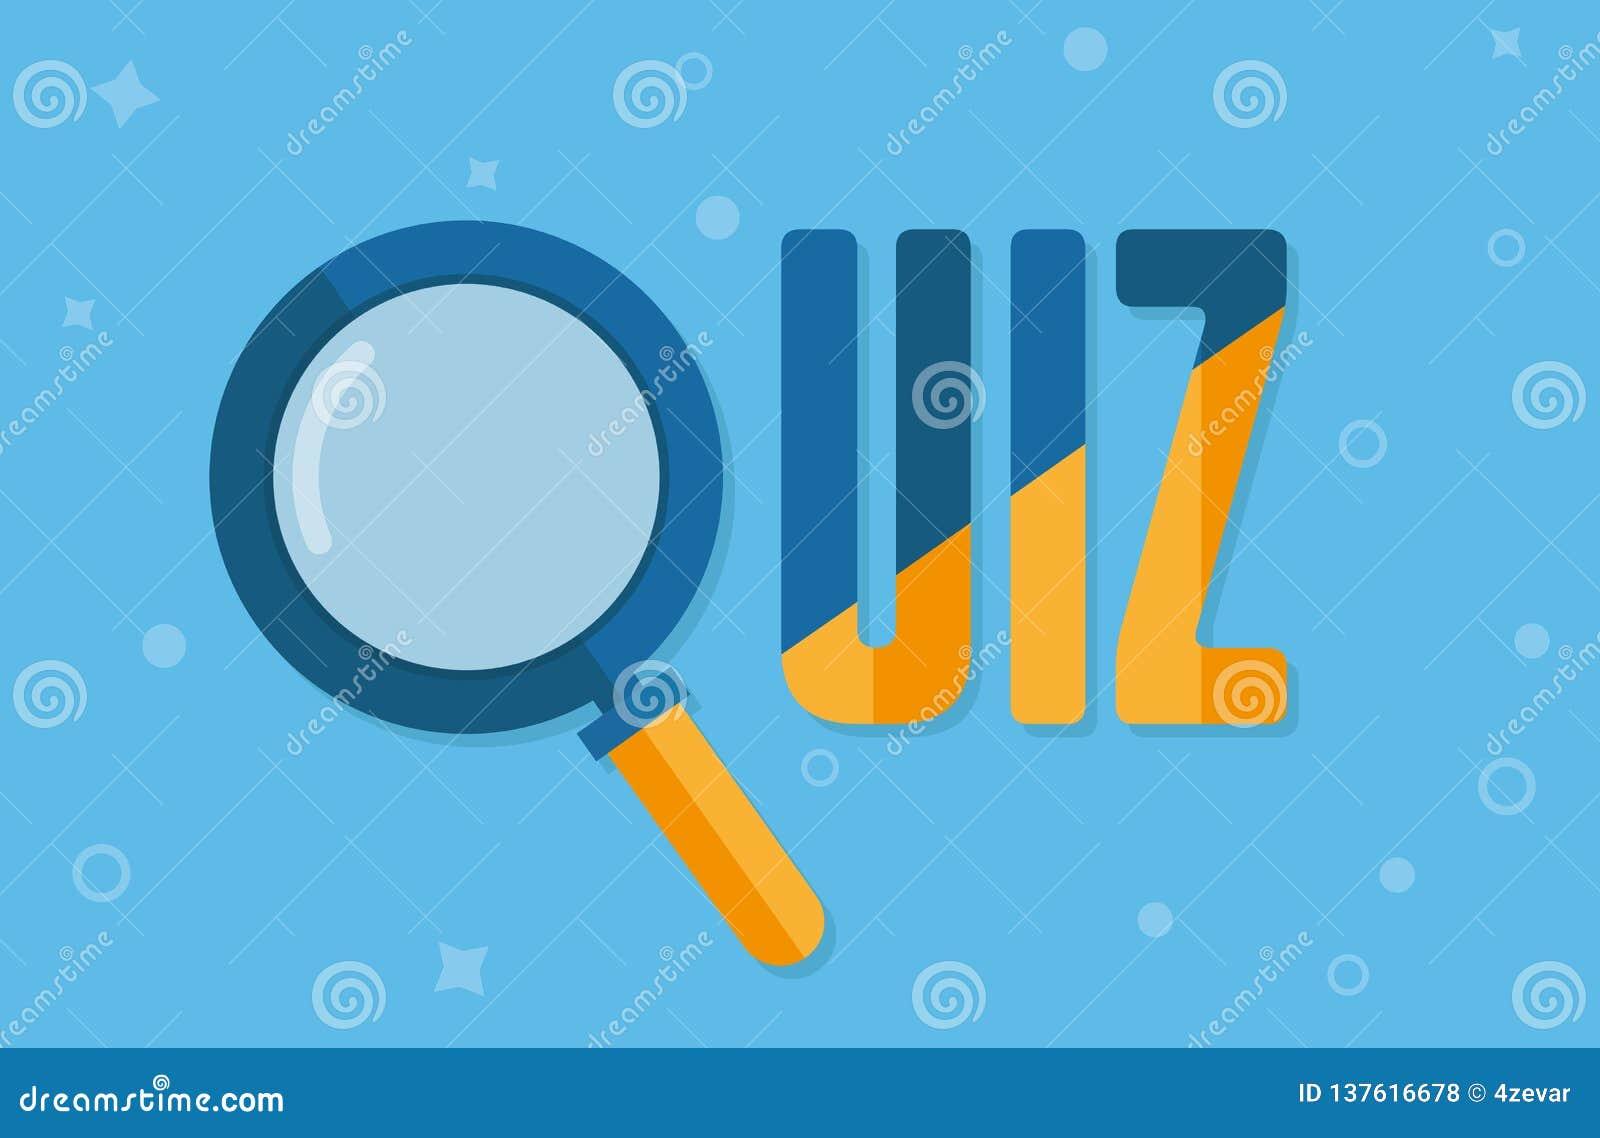 Quiz concept icon